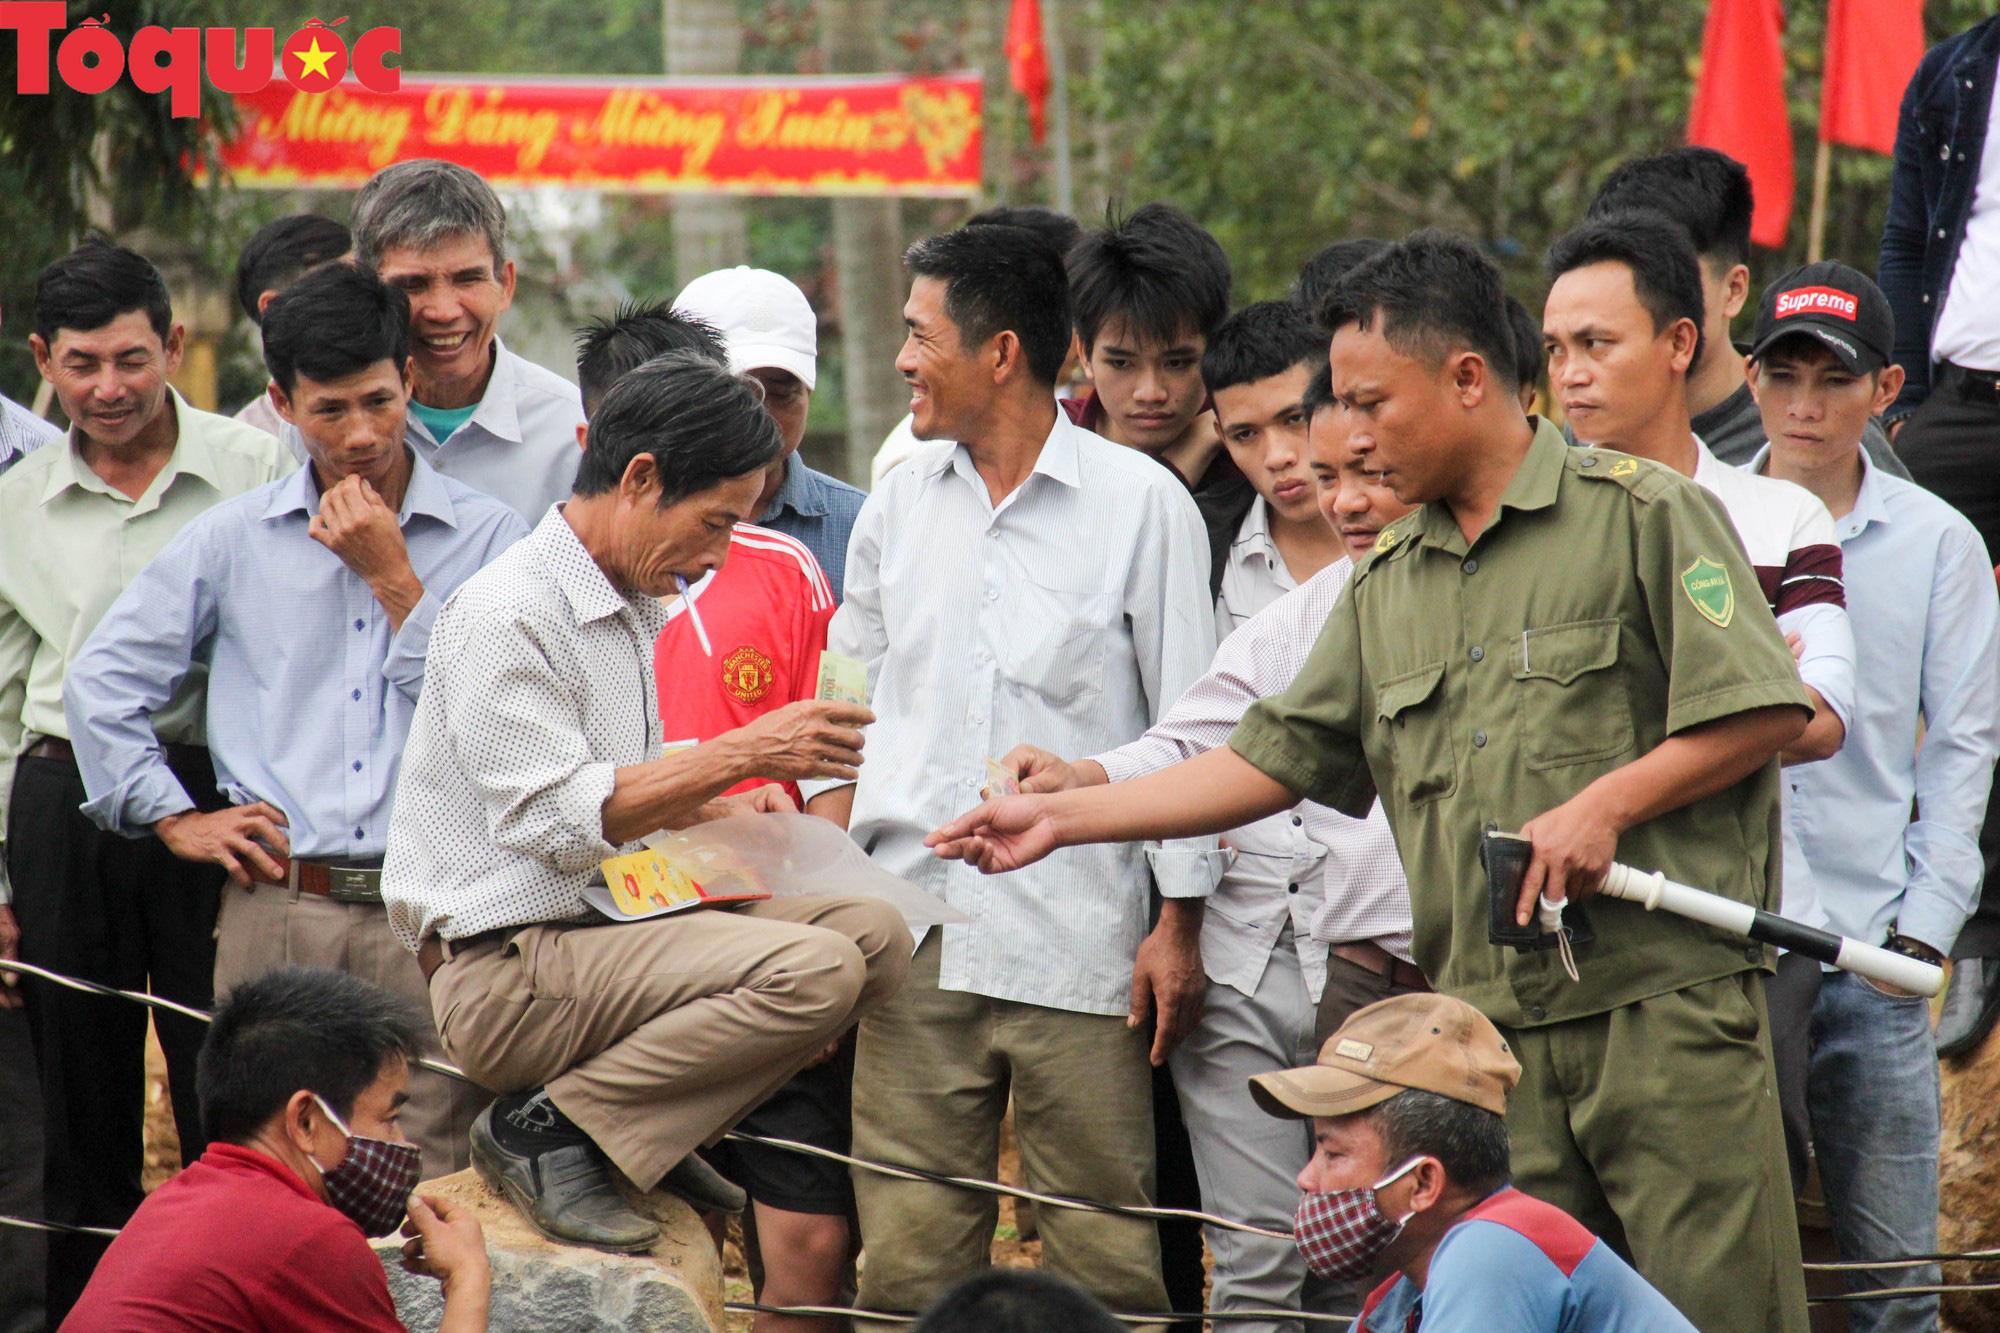 Độc đáo hội thi chẻ đá mồ côi ở Quảng Trị - Ảnh 16.